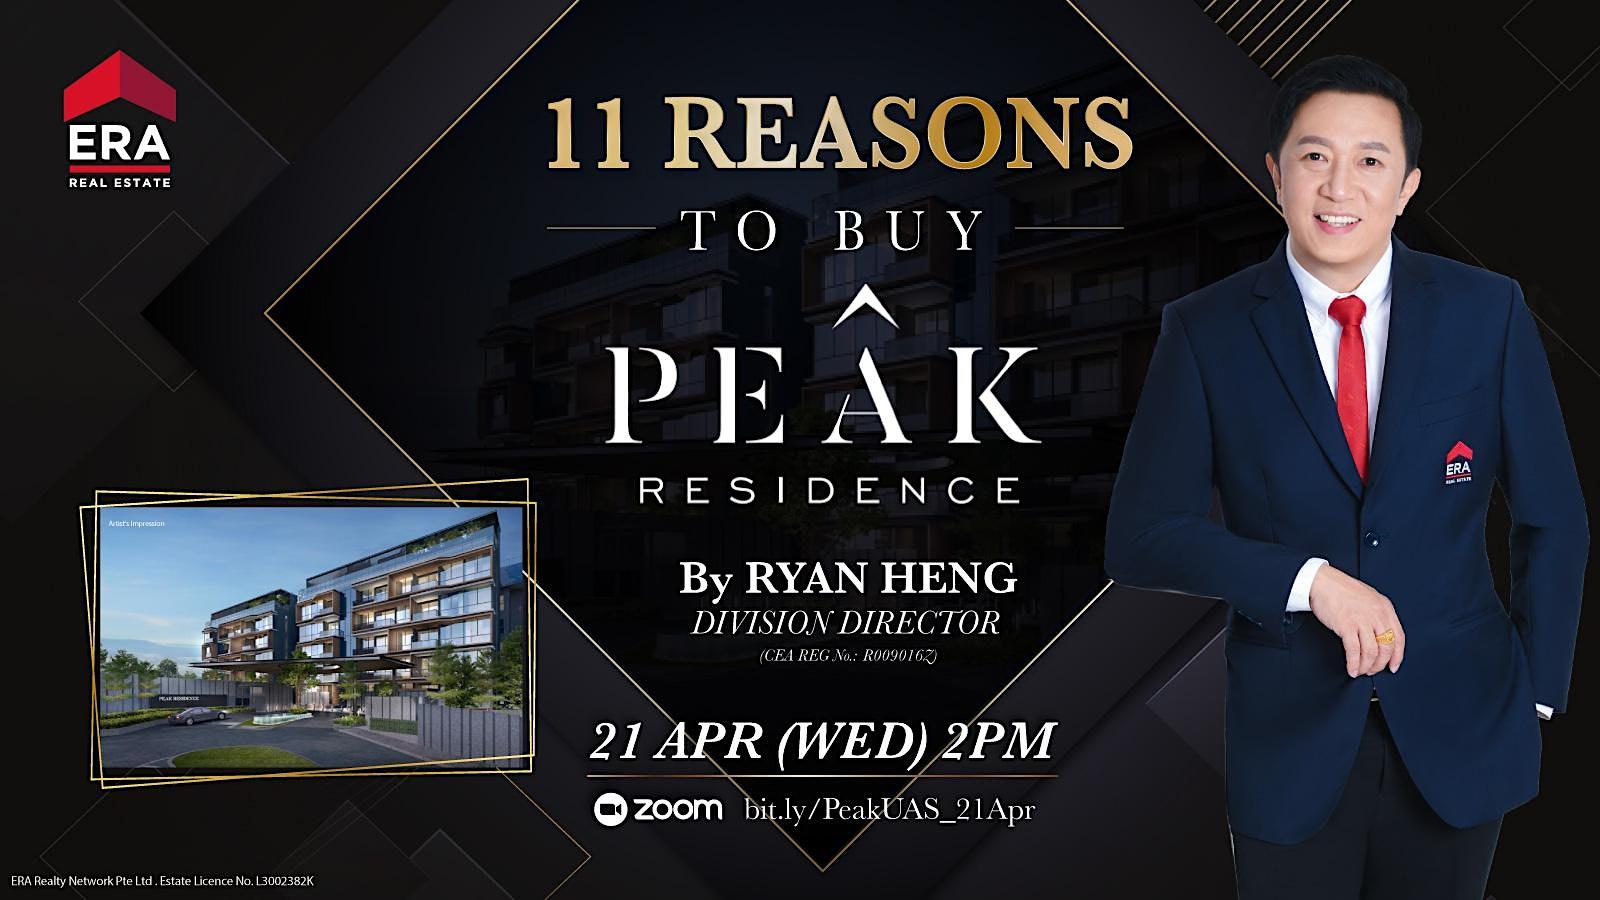 11 Reasons To Buy Peak Residence